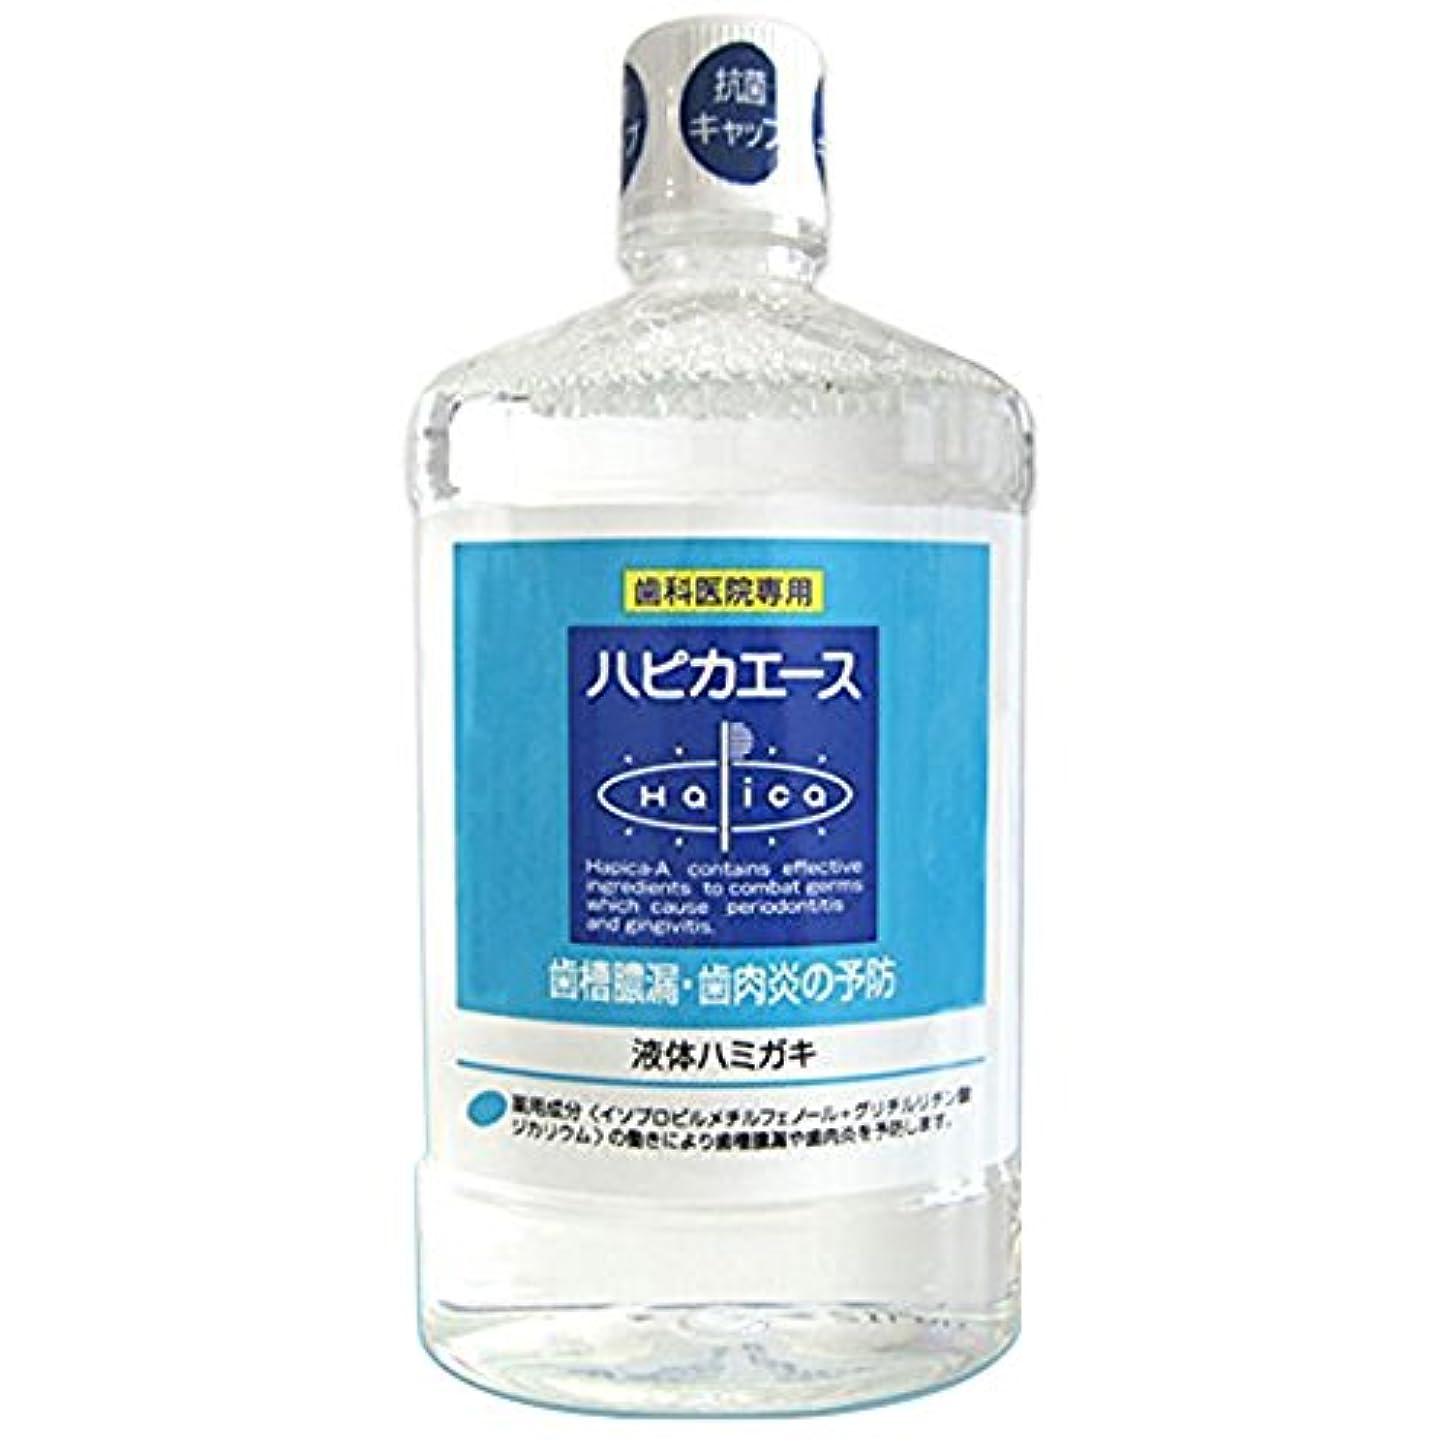 吸収剤列挙するプロフェッショナルハピカエース 薬用 ハピカエース ハーブミント 480ml単品